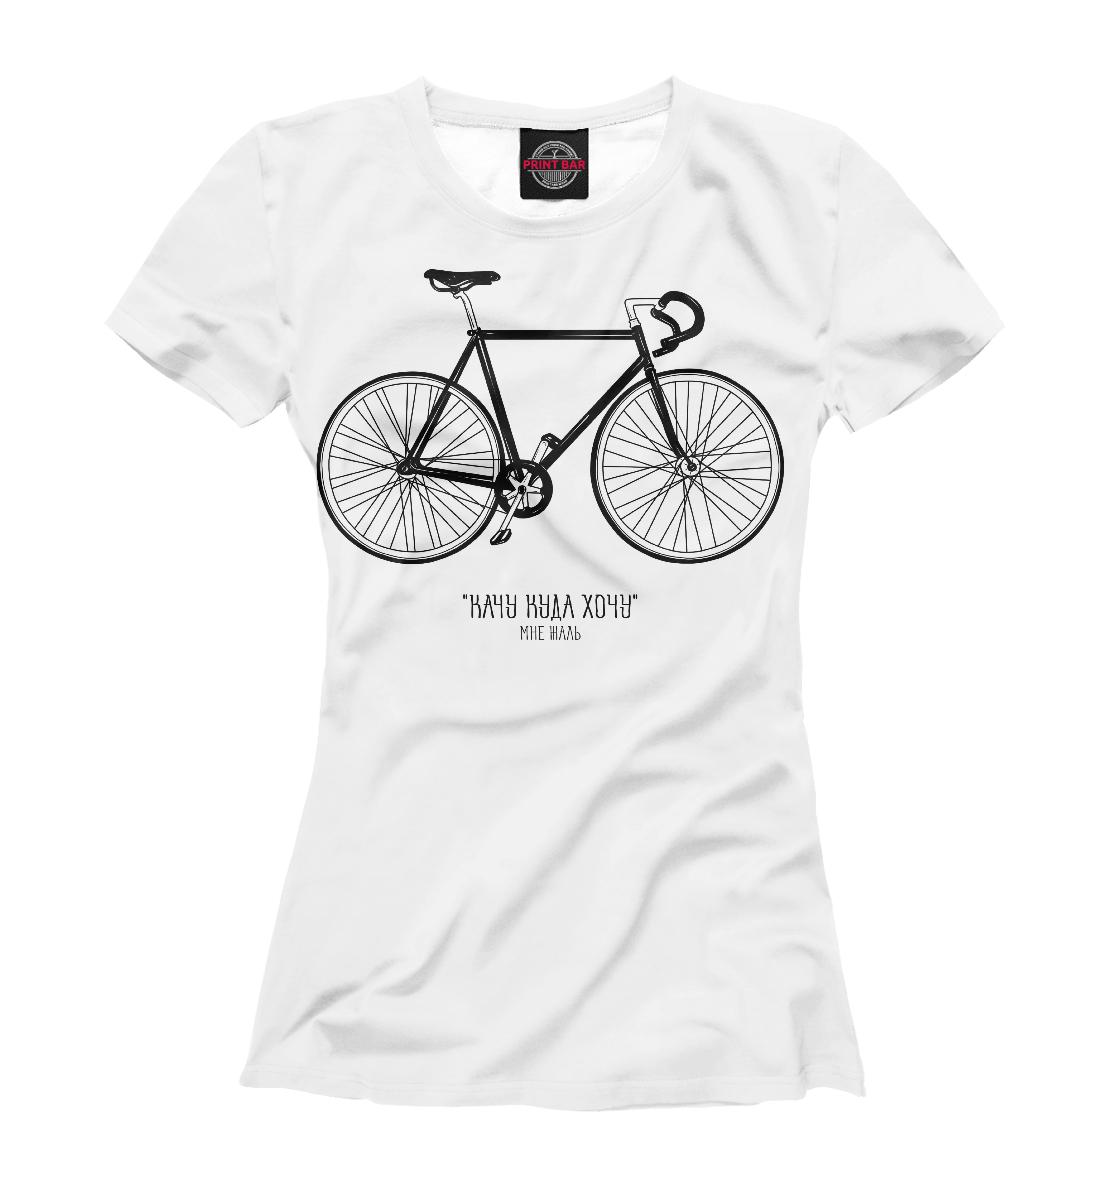 Купить Велосипед, Printbar, Футболки, BCL-246544-fut-1